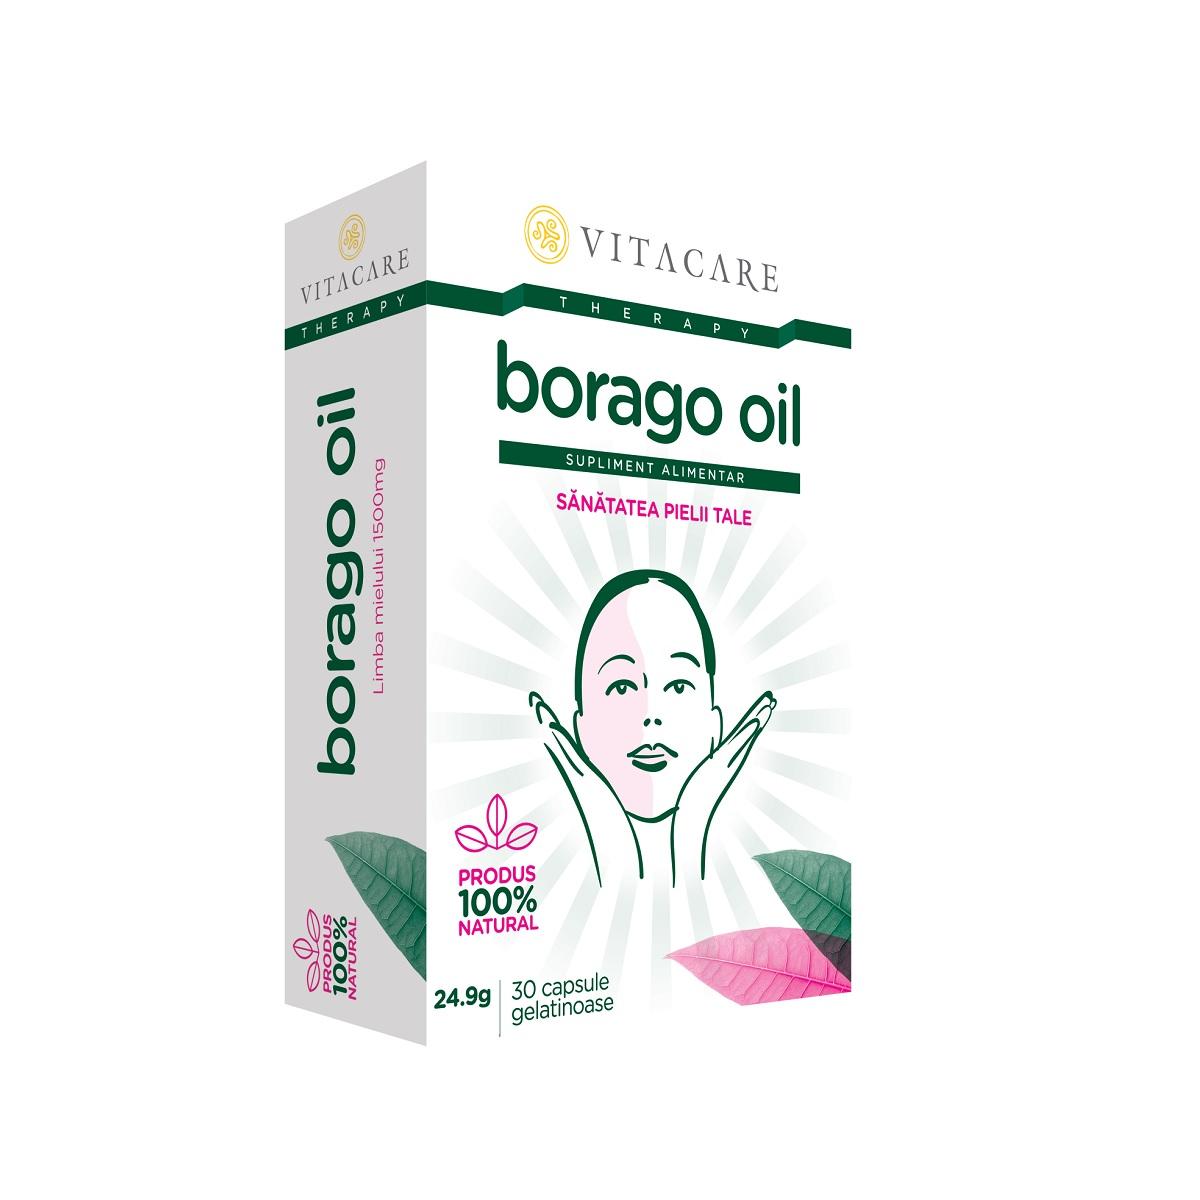 Borago Oil, 30 capsule, Vitacare